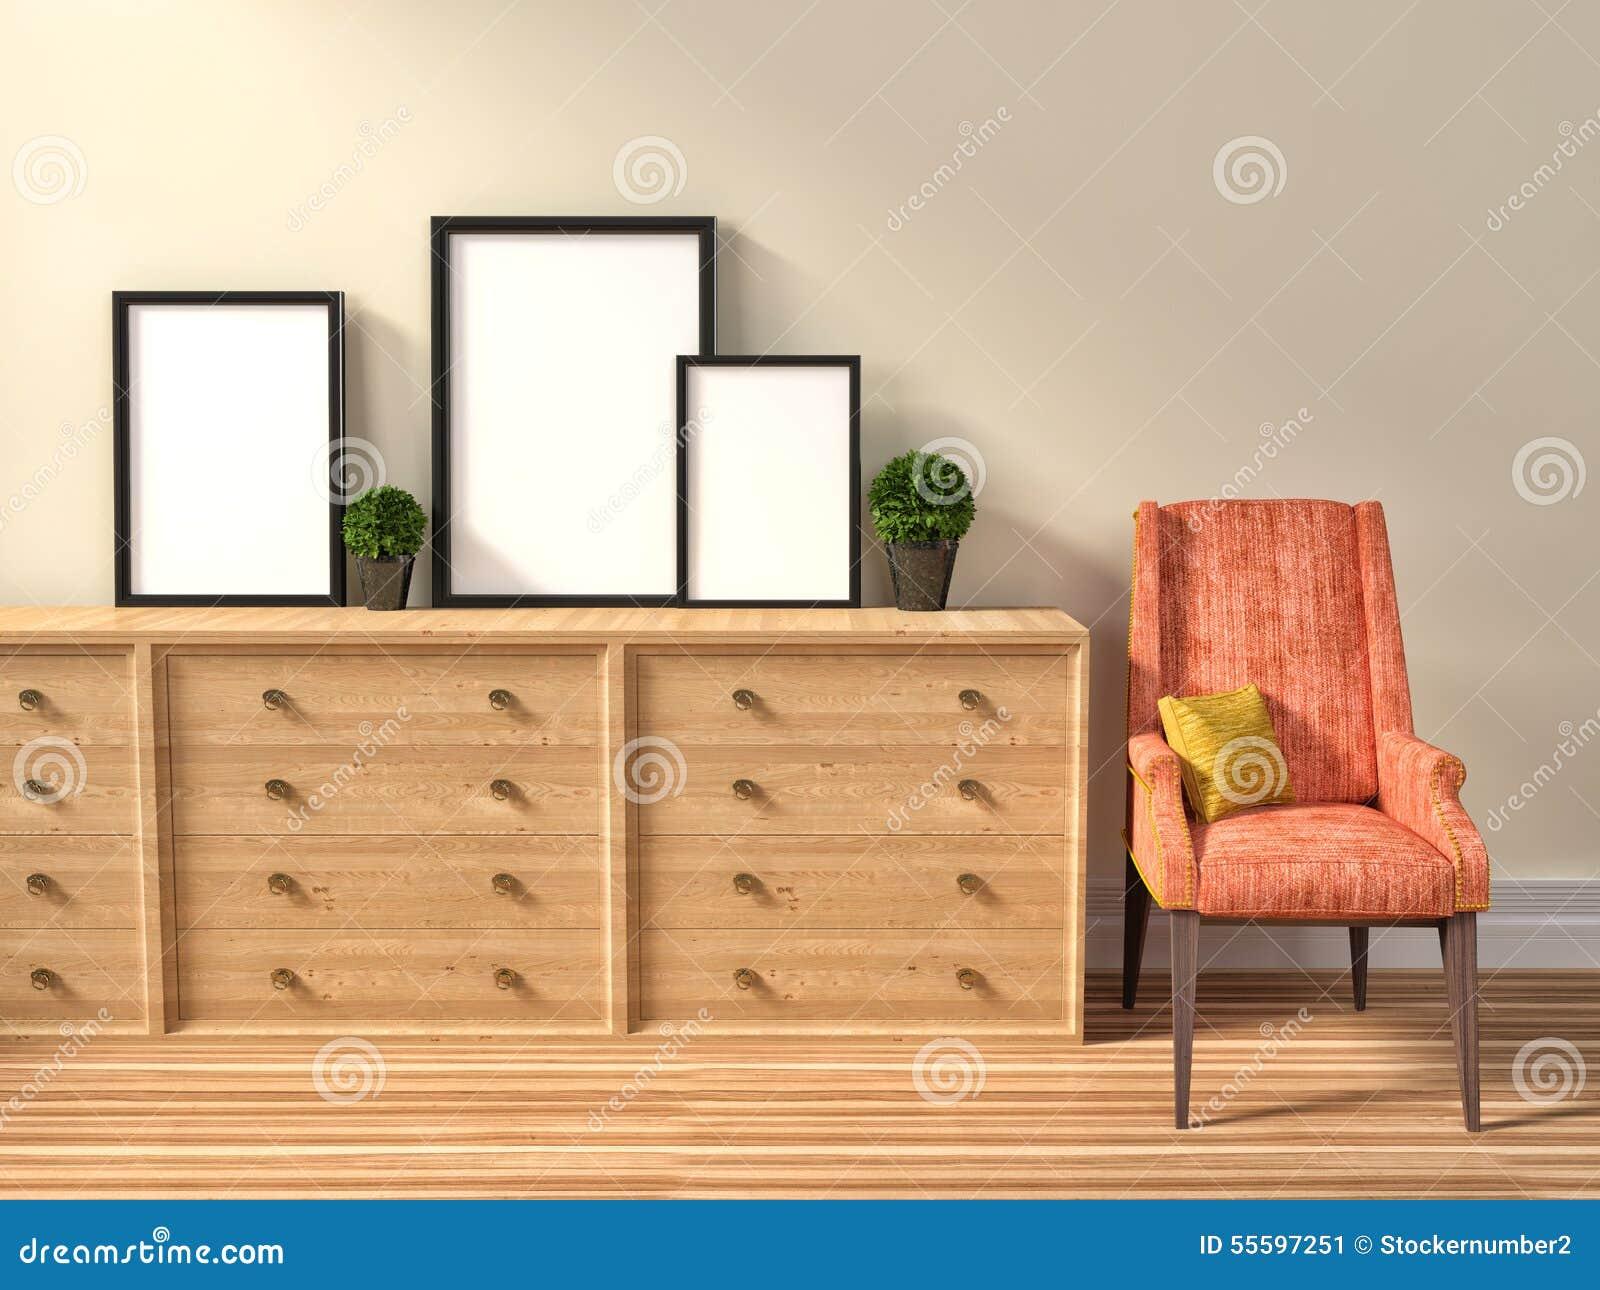 Modell Von Freiem Raum Drei Gestalten Plakat Und Stuhl Abbildung 3d